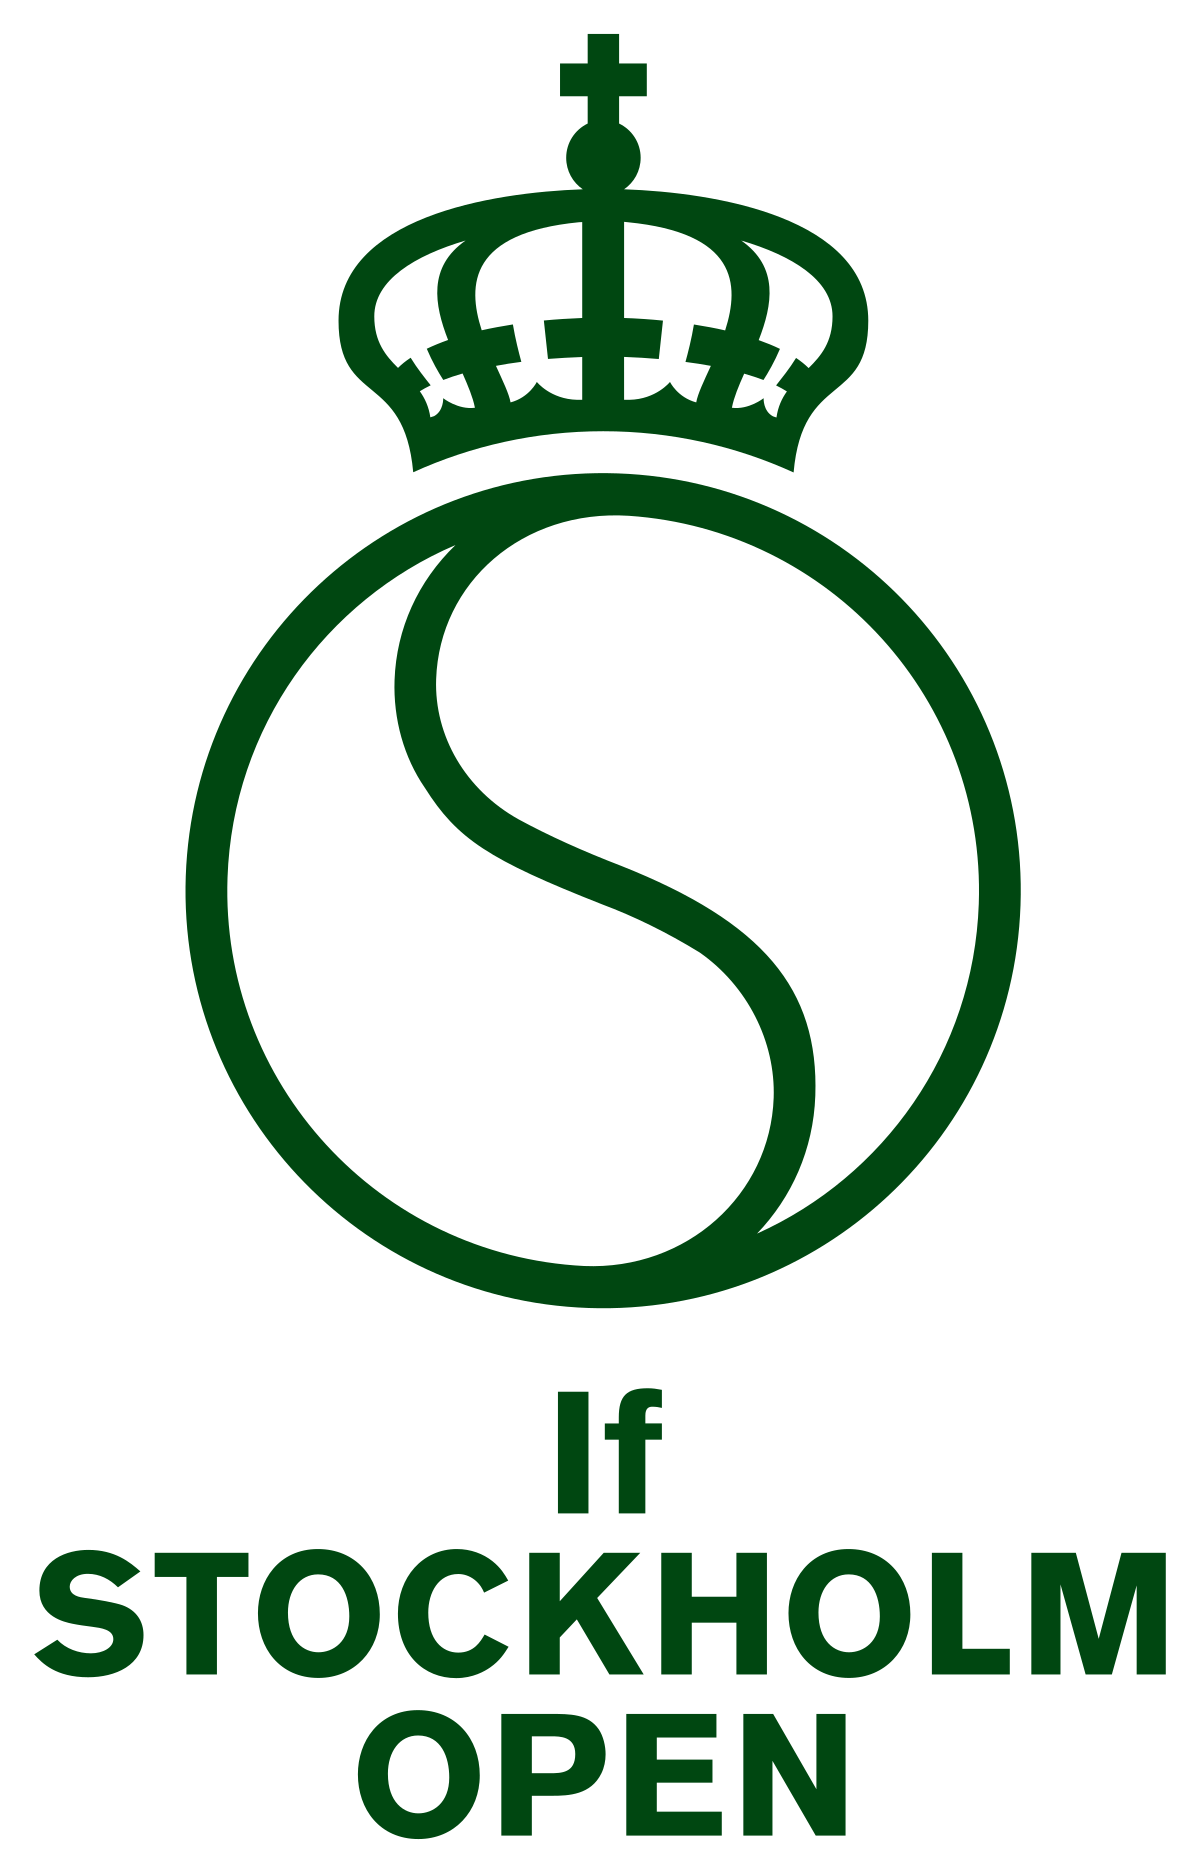 Stockholm - If Stockholm Open